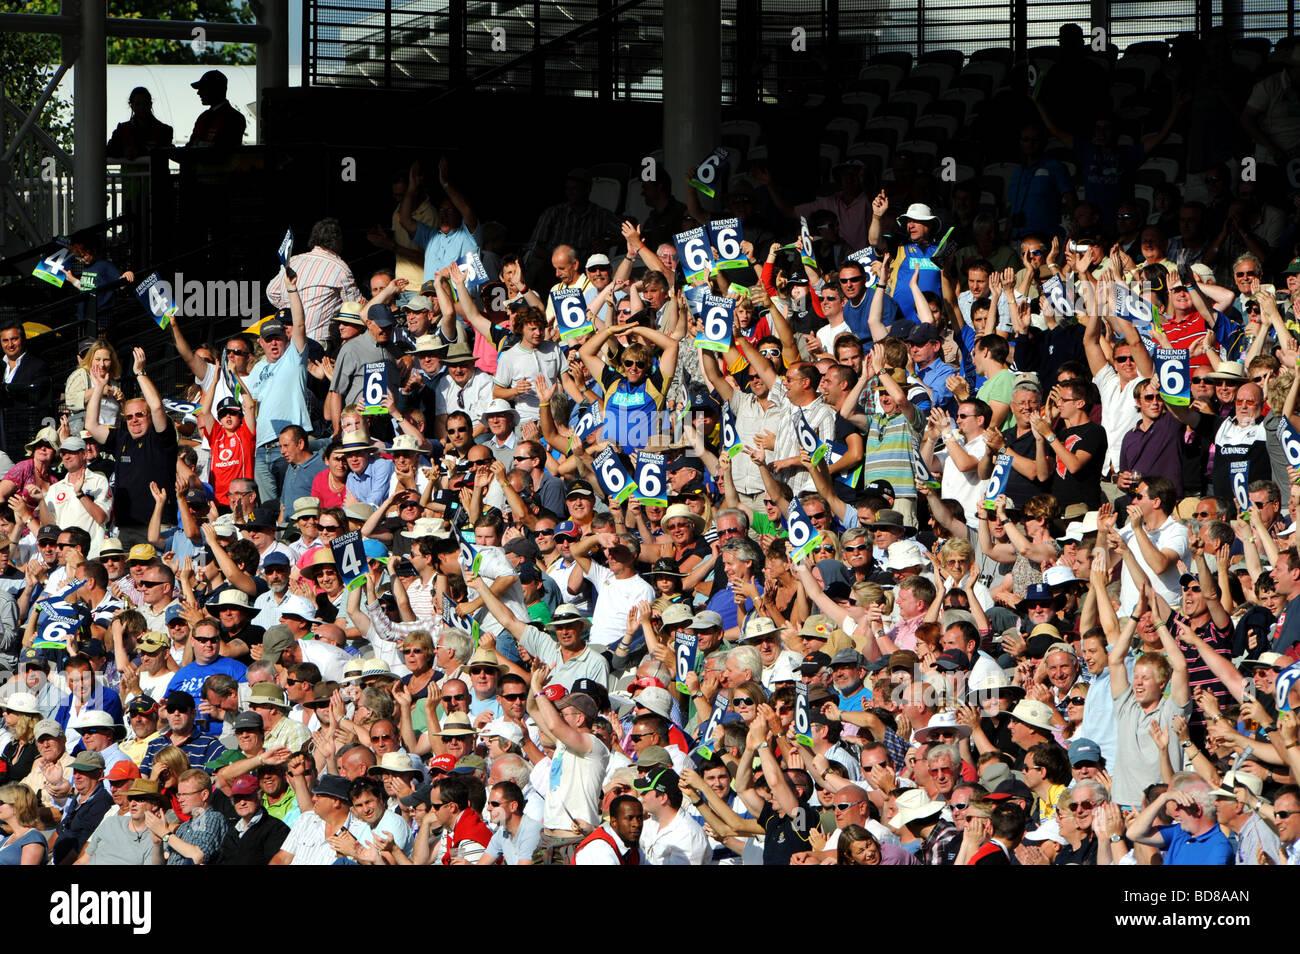 Membri della folla a una partita di cricket a Lord's hold up alcuni sei Segni Immagini Stock